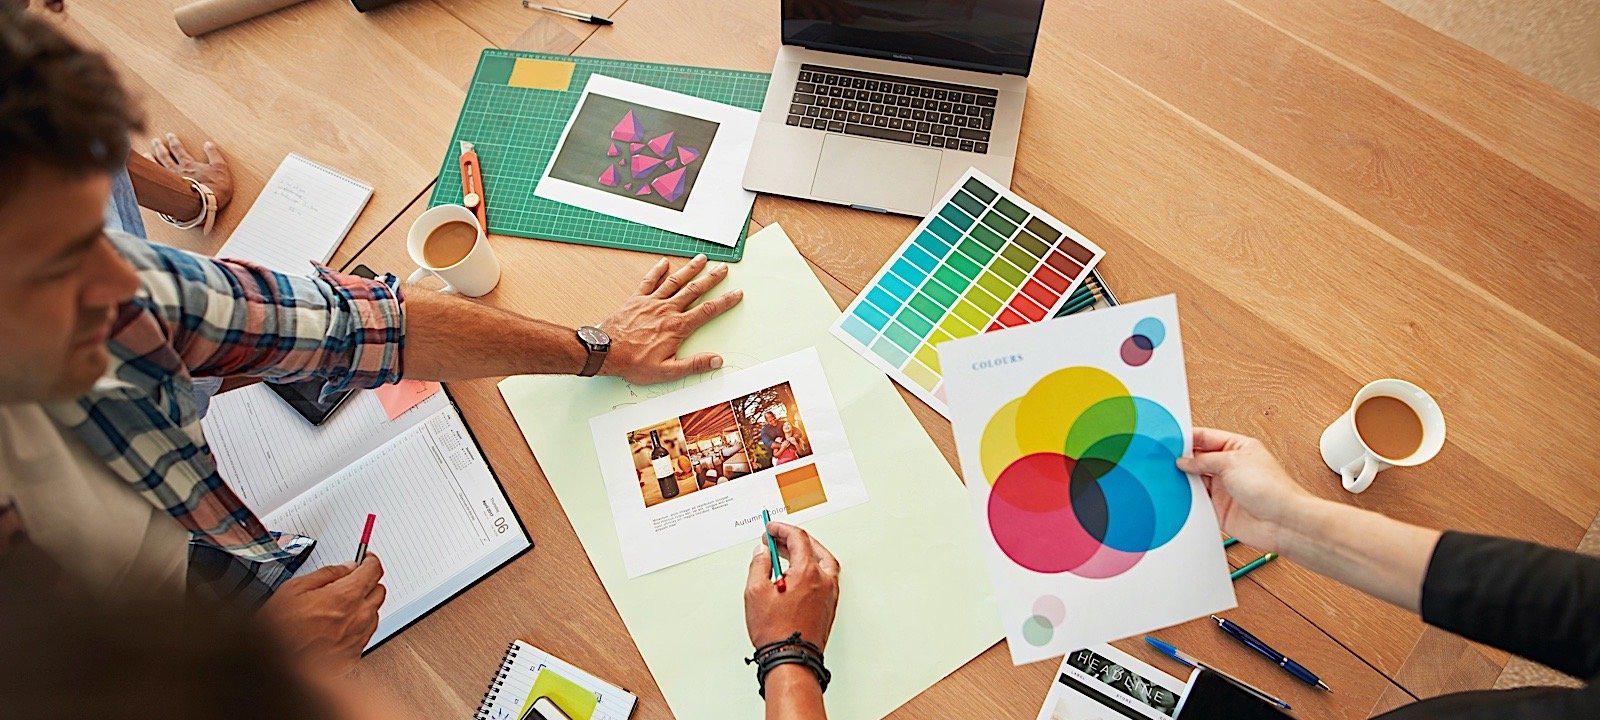 Marketing Mix Modeling & Media Mix Optimizer (MMM/O)